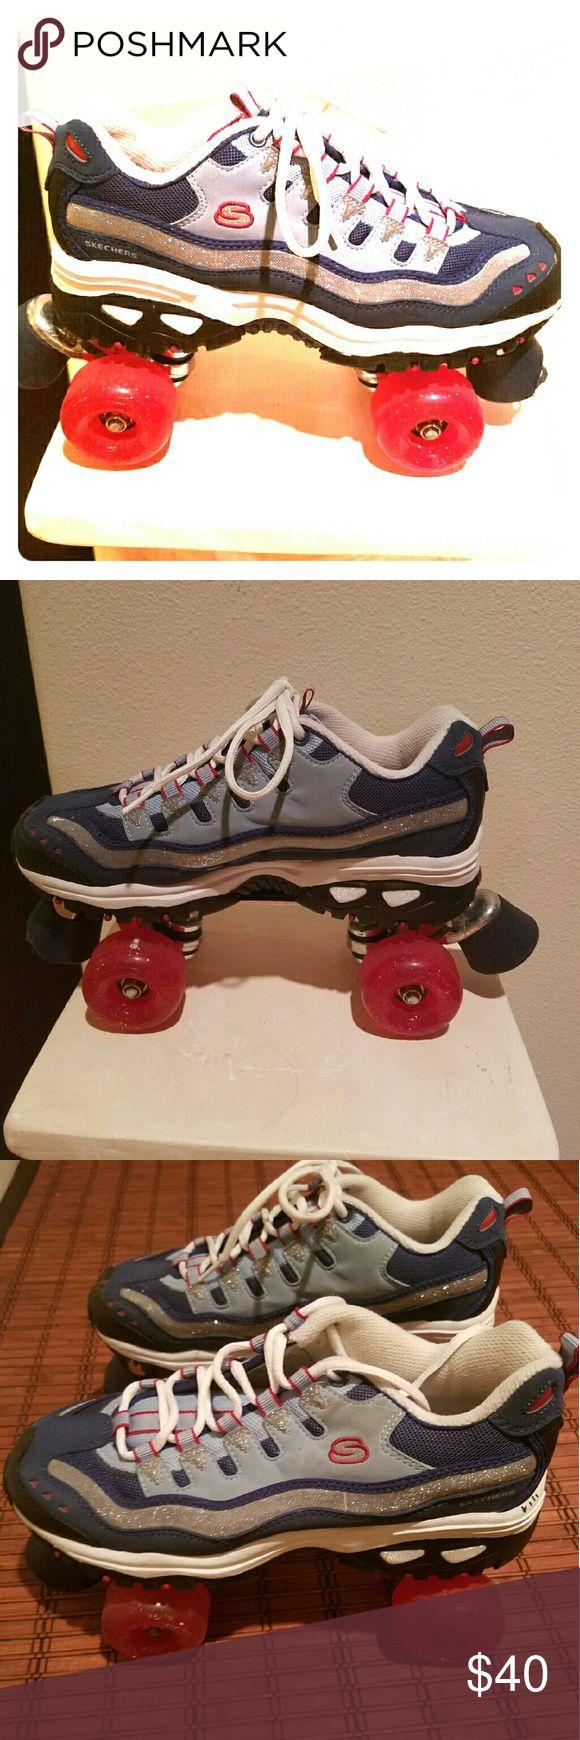 Roller shoes shop - Skechers Roller Skates